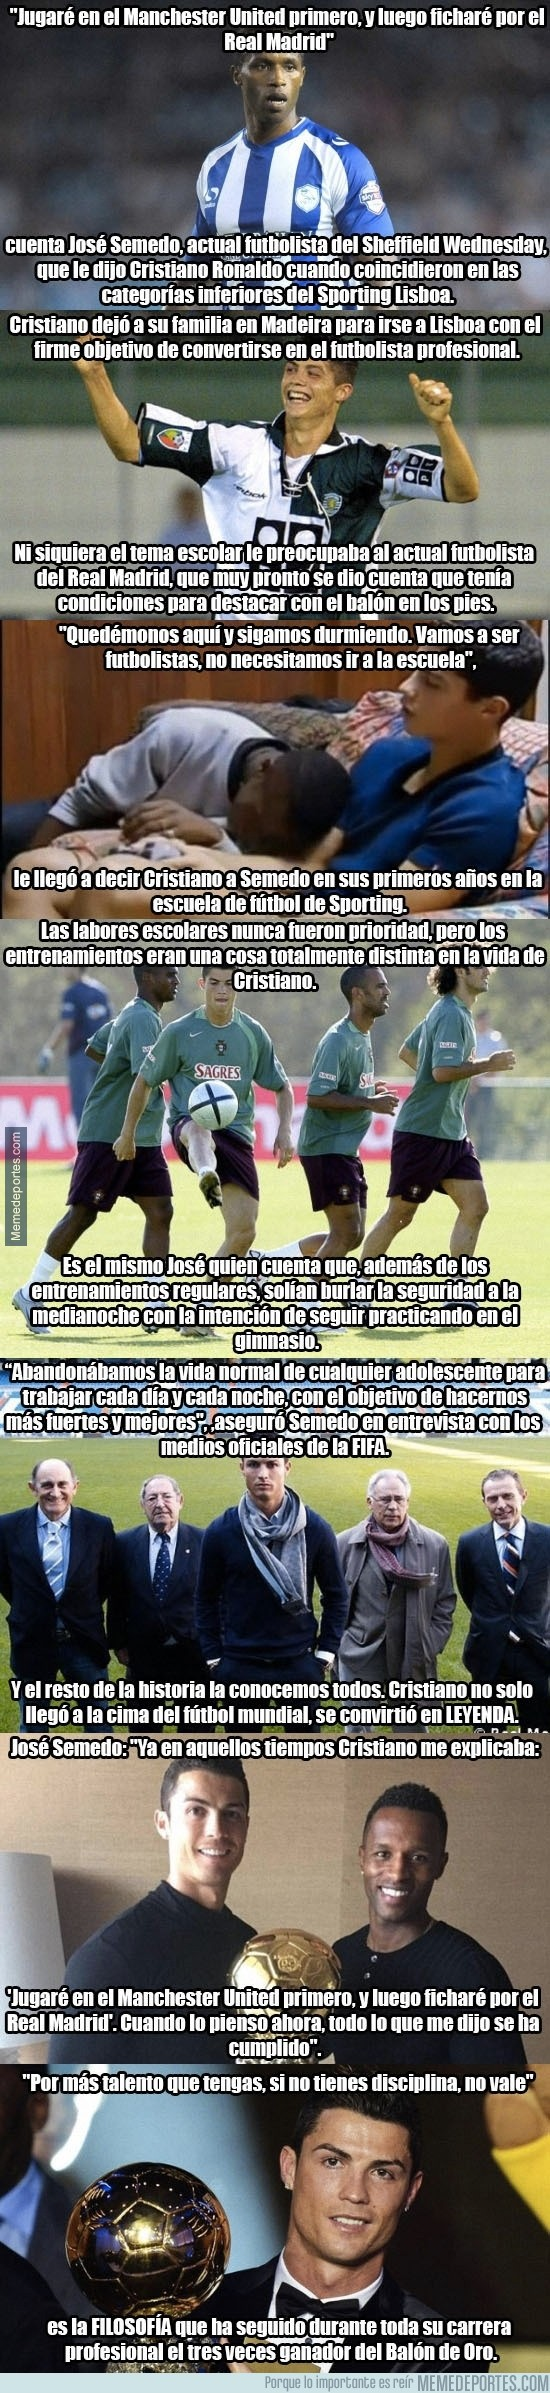 791238 - BRUTAL TESTIMONIO: Cristiano siempre supo que jugaría en el United y el Madrid